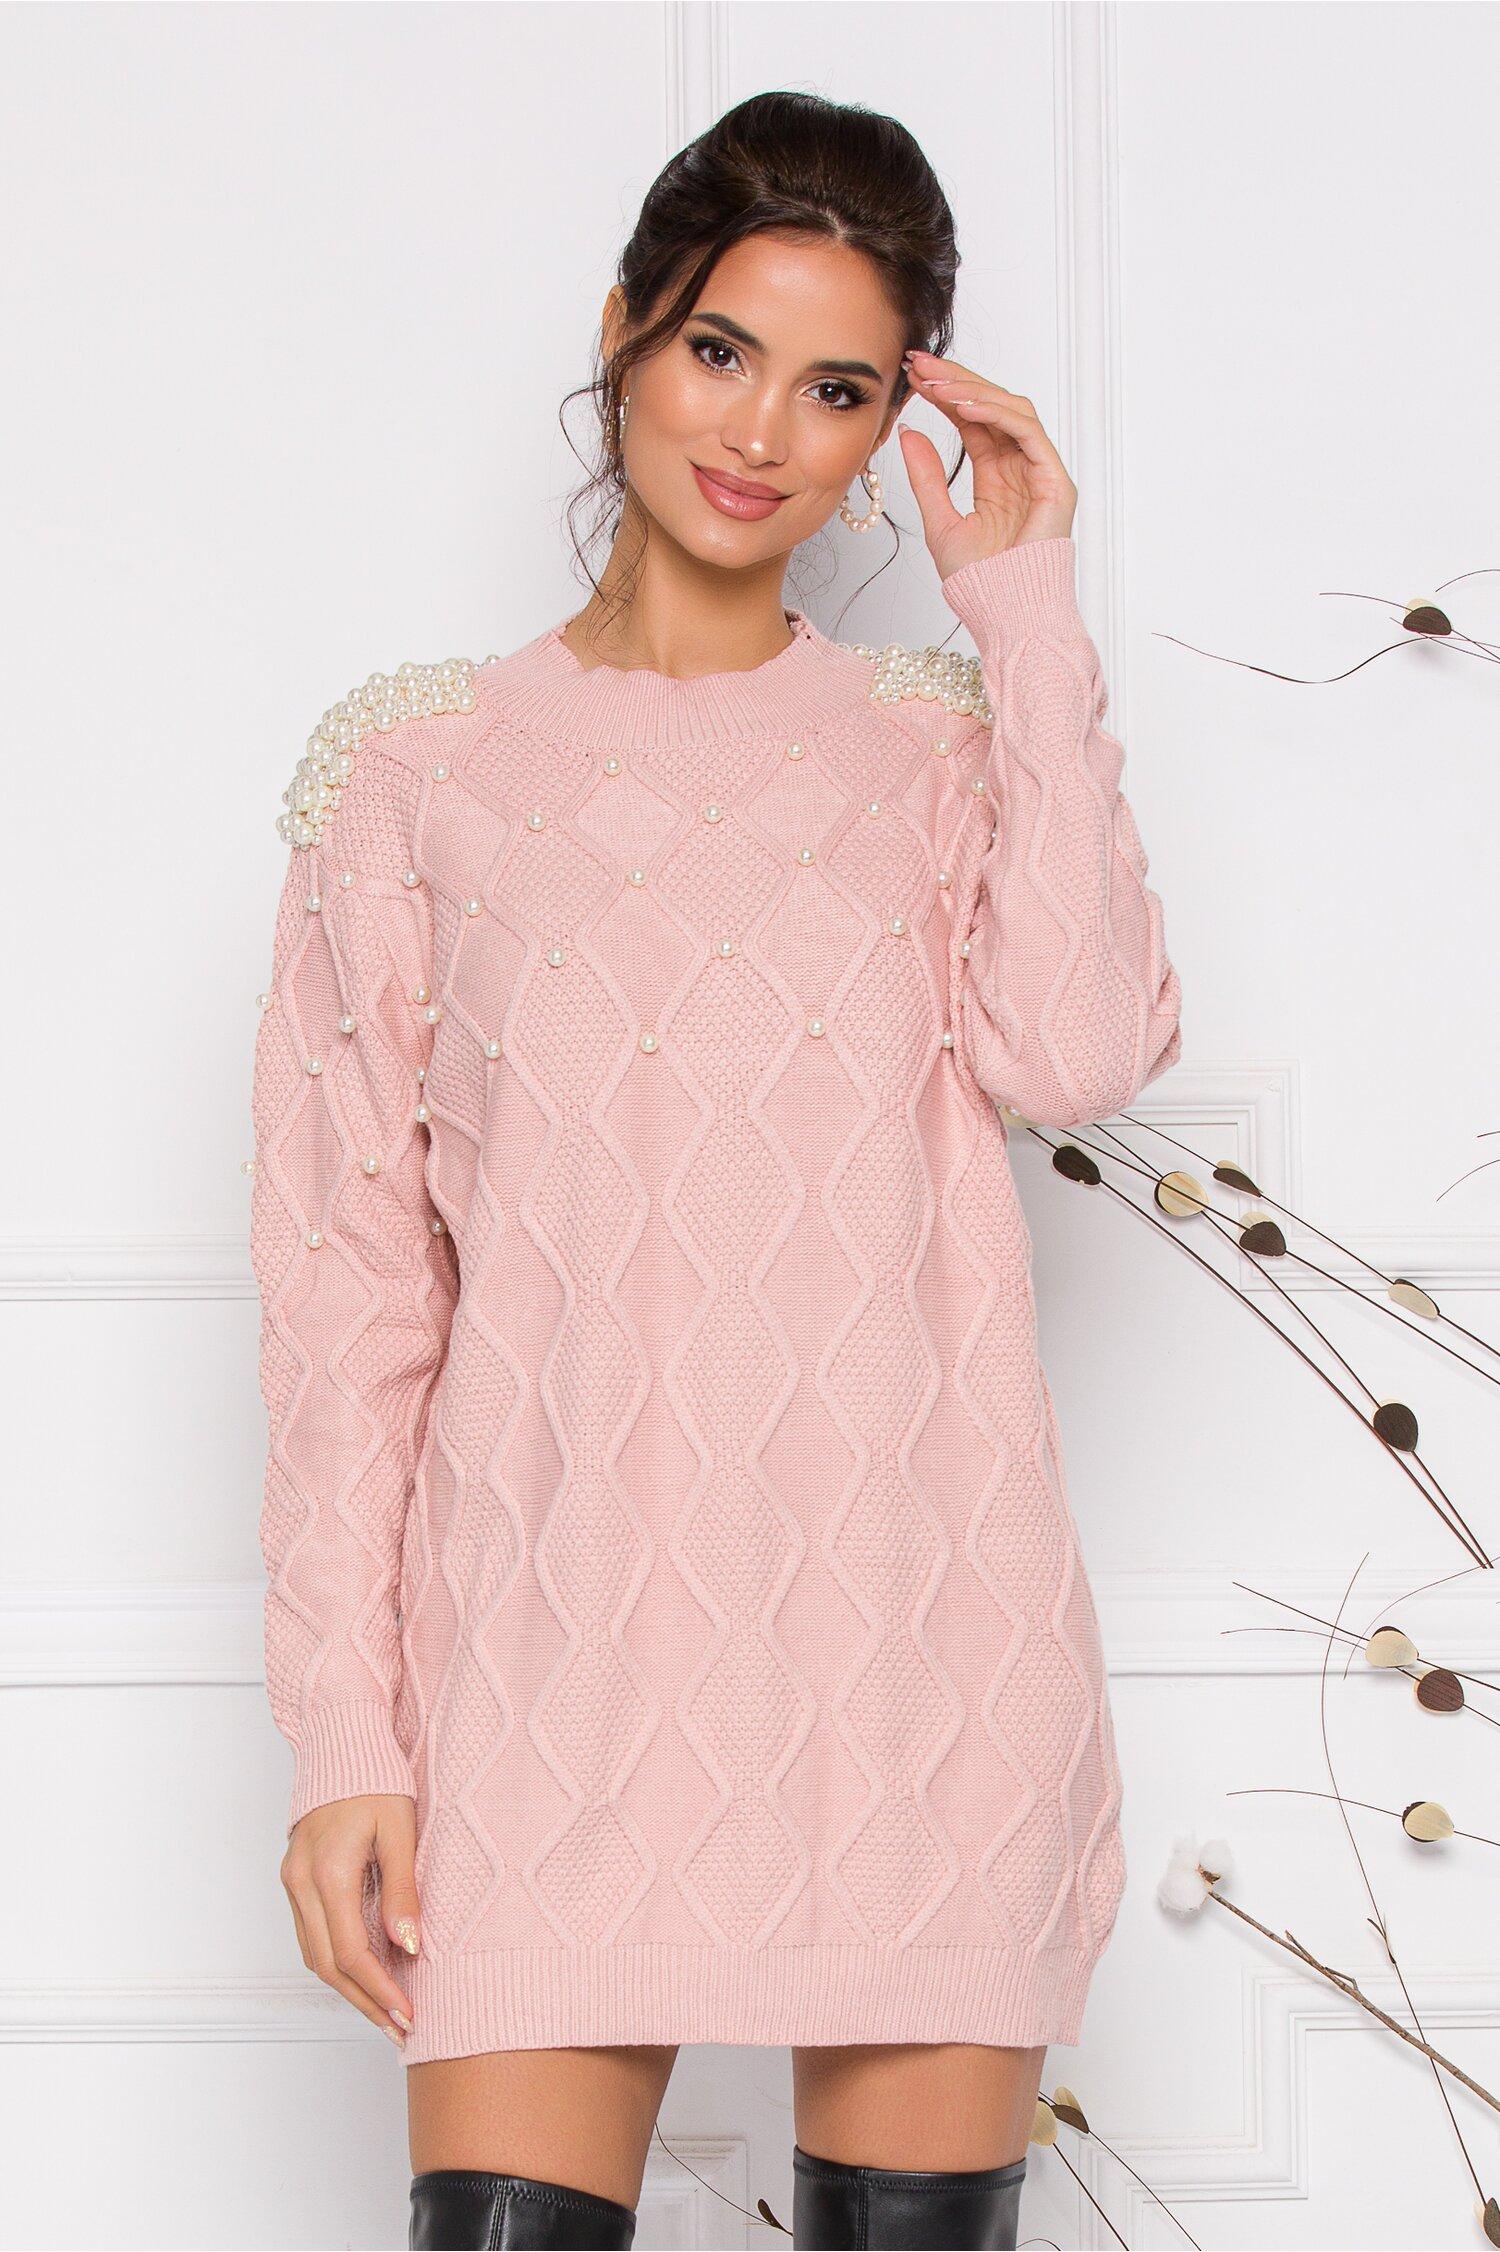 Rochie Pearl roz din tricot accesorizata cu perlute imagine